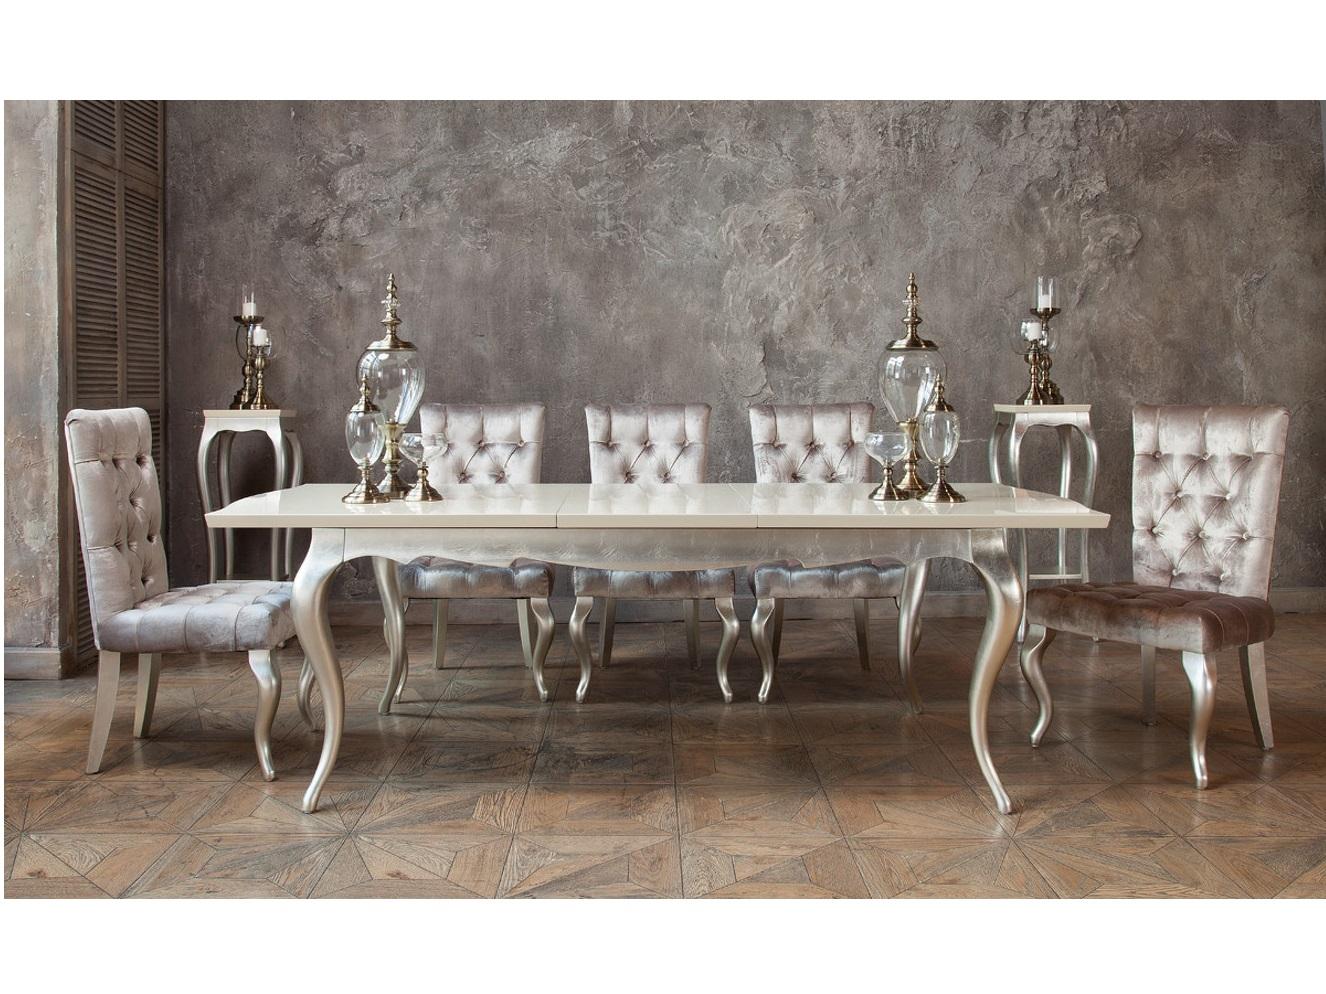 Раздвижной стол VeneziaОбеденные столы<br>Отделка столешницы перламутровый кремовый лак.&amp;amp;nbsp;&amp;lt;div&amp;gt;Высокие гнутые ножки в отделке сусальное серебро.&amp;amp;nbsp;&amp;lt;/div&amp;gt;&amp;lt;div&amp;gt;Сделан из высококачественного МДФ высокой плотности и массива дерева.&amp;lt;/div&amp;gt;&amp;lt;div&amp;gt;&amp;lt;br&amp;gt;&amp;lt;/div&amp;gt;&amp;lt;div&amp;gt;Ширина в сложенном состоянии - 180 см&amp;lt;/div&amp;gt;&amp;lt;div&amp;gt;Ширина в разложенном состоянии - 240 см&amp;lt;/div&amp;gt;<br><br>Material: Дерево<br>Ширина см: 240<br>Высота см: 76<br>Глубина см: 108